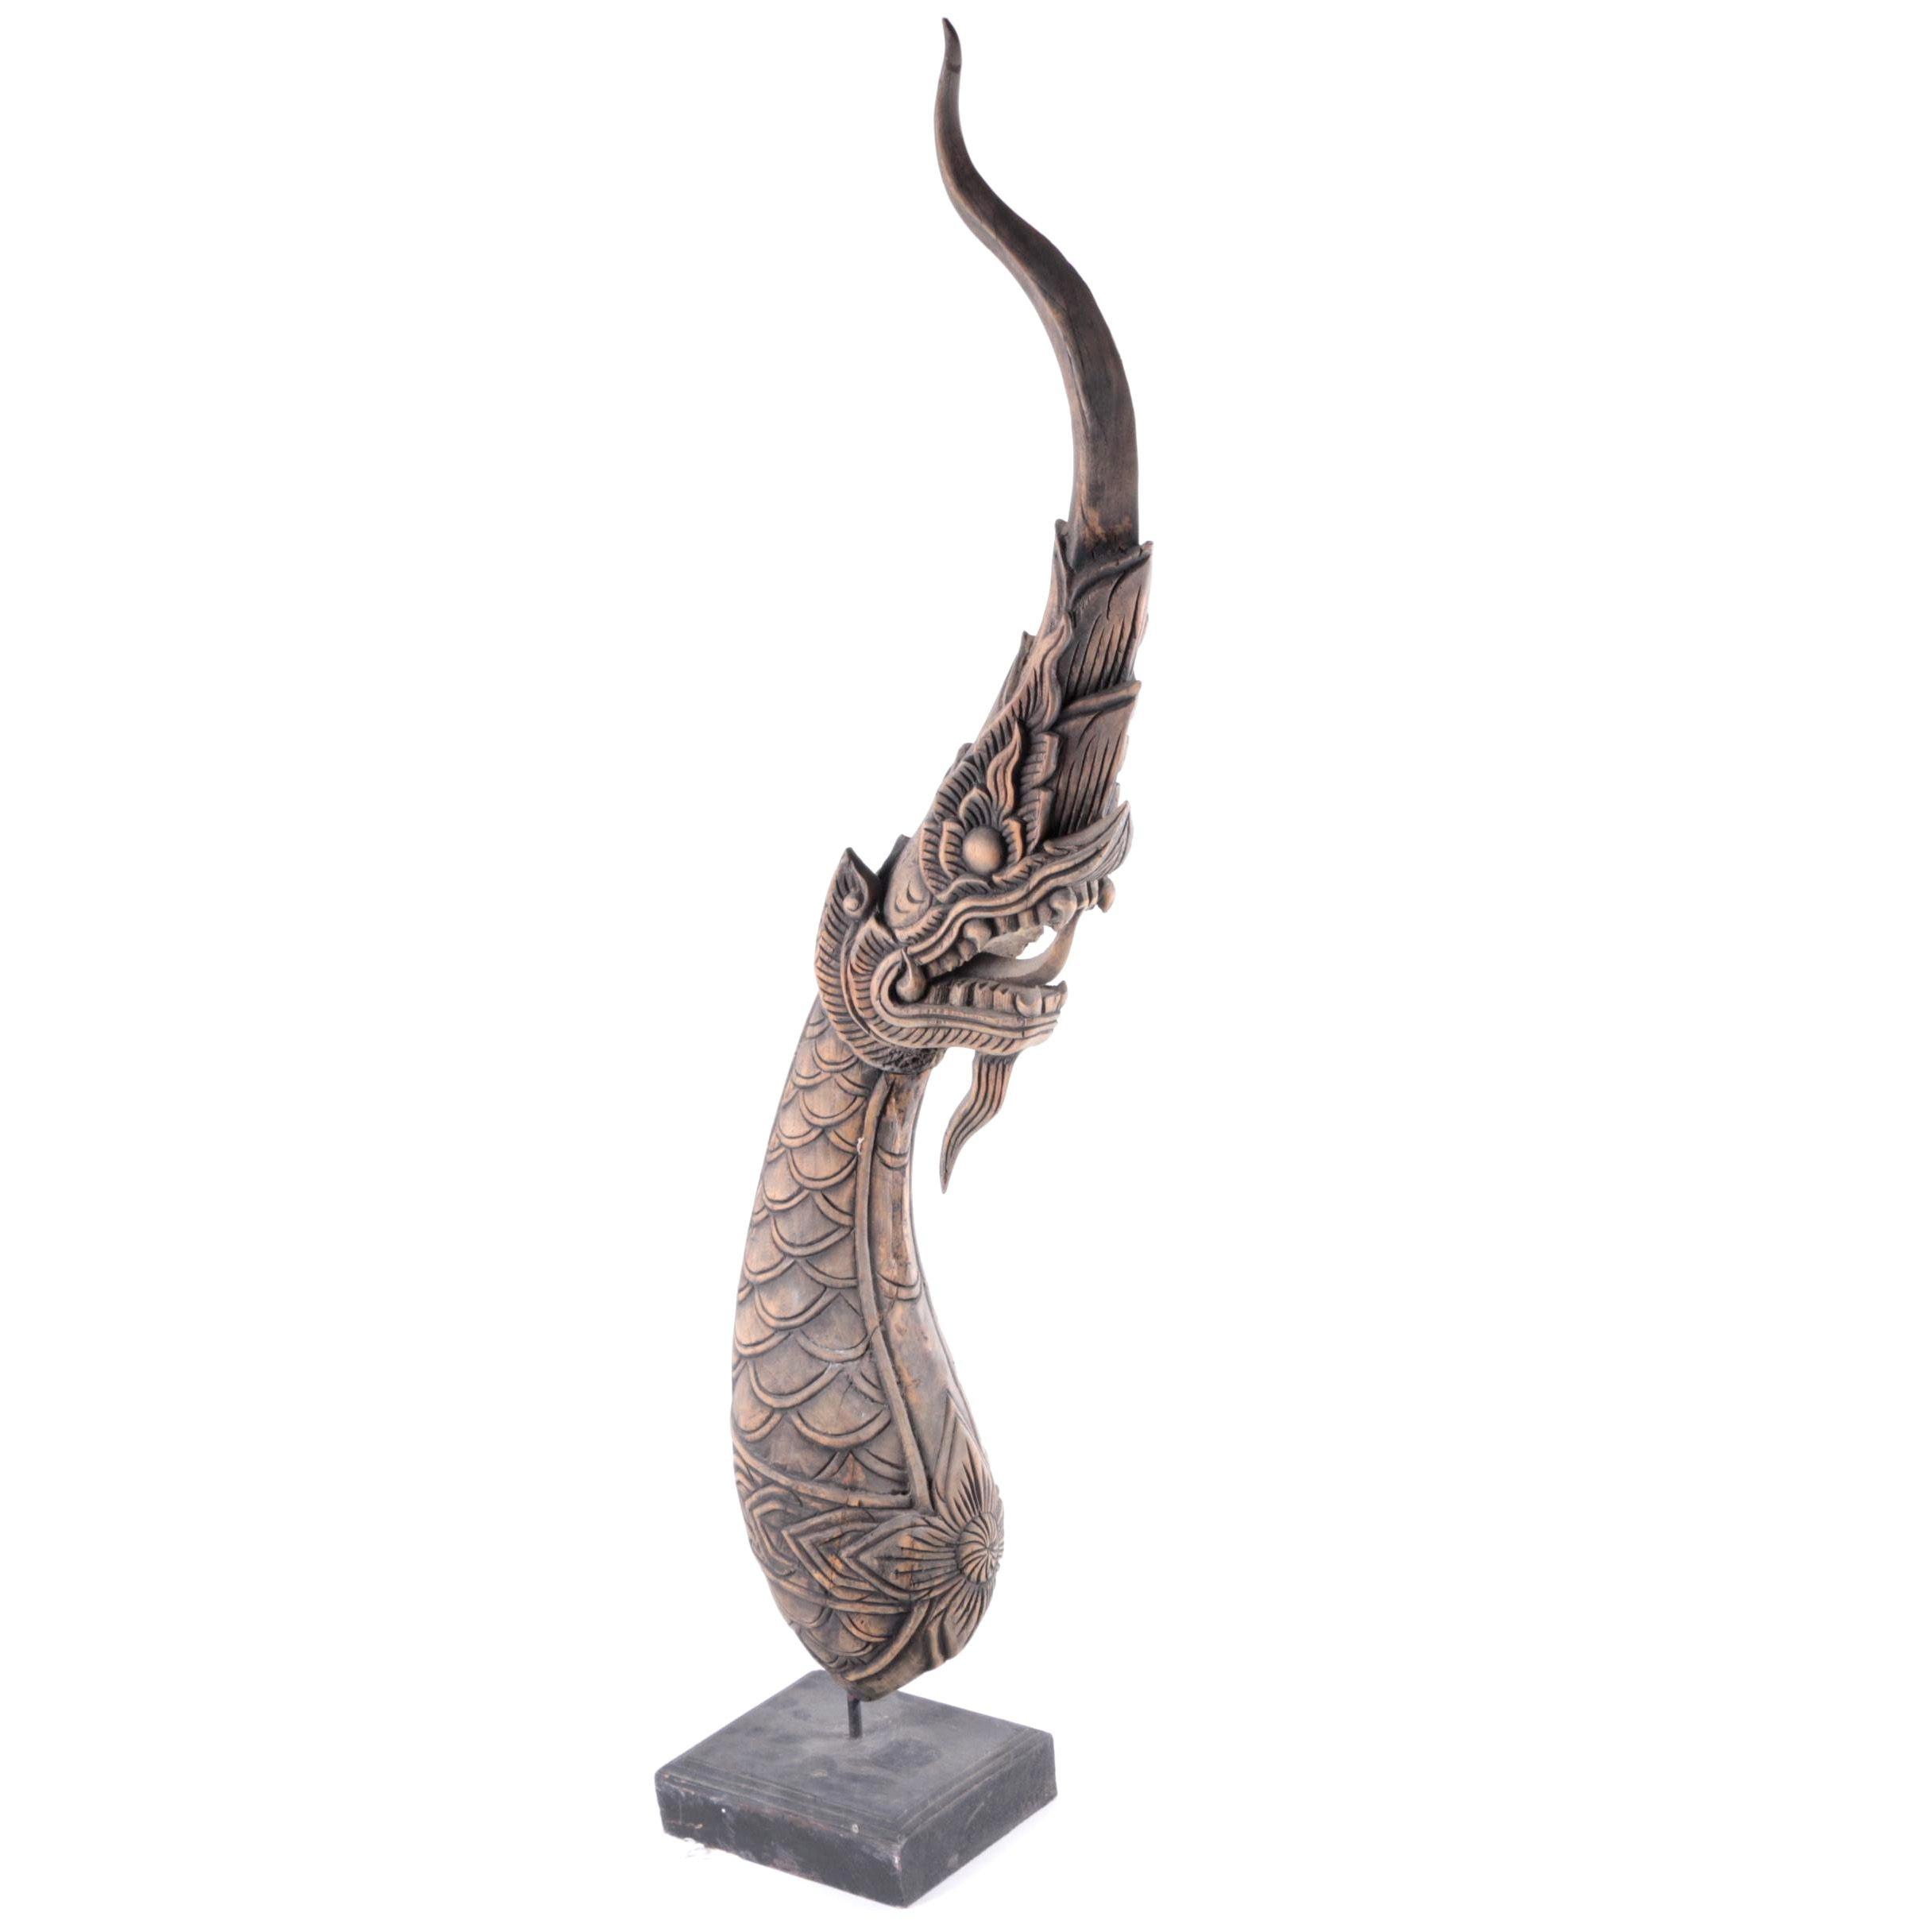 Thai Wood Carving of a Naga